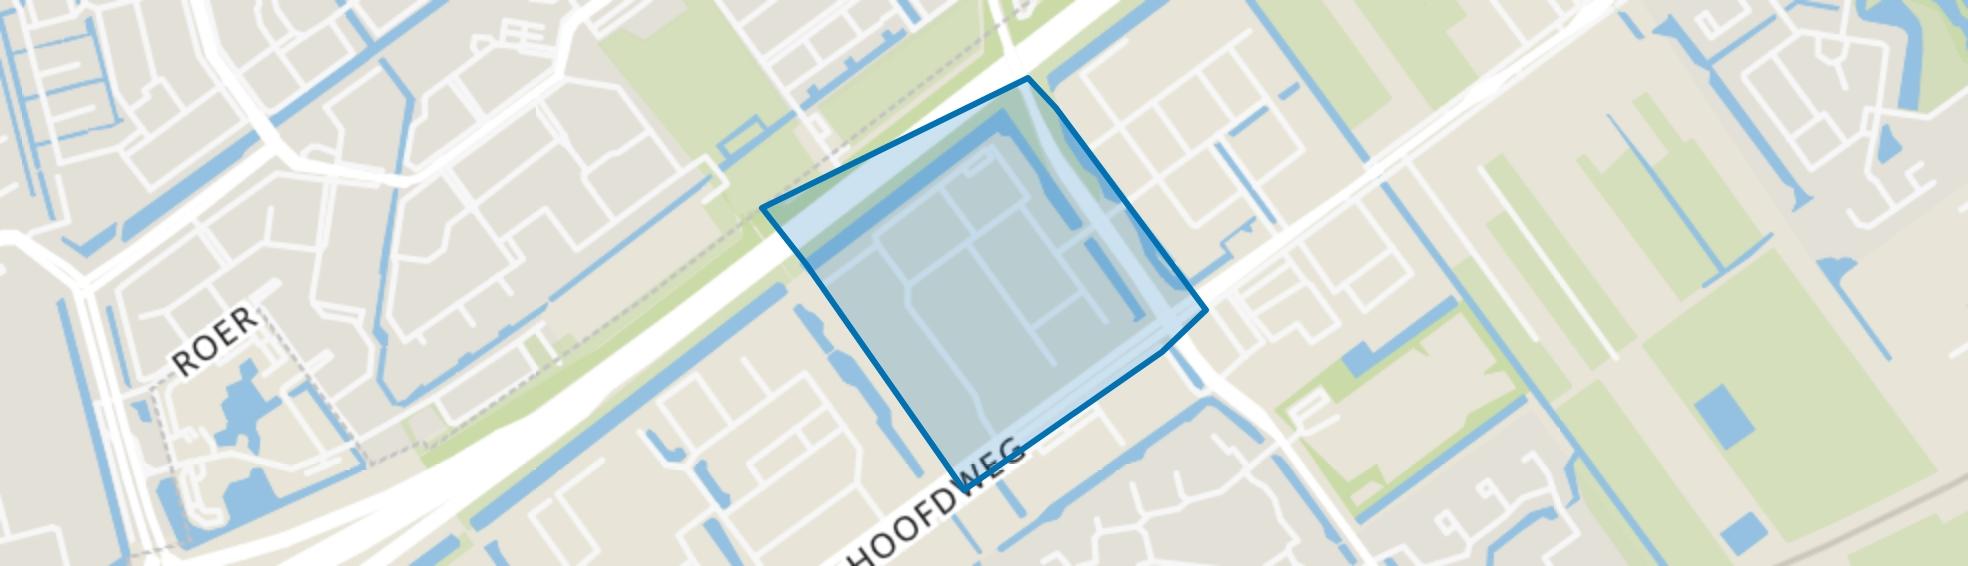 Hoofdweg sector D, Capelle aan den IJssel map